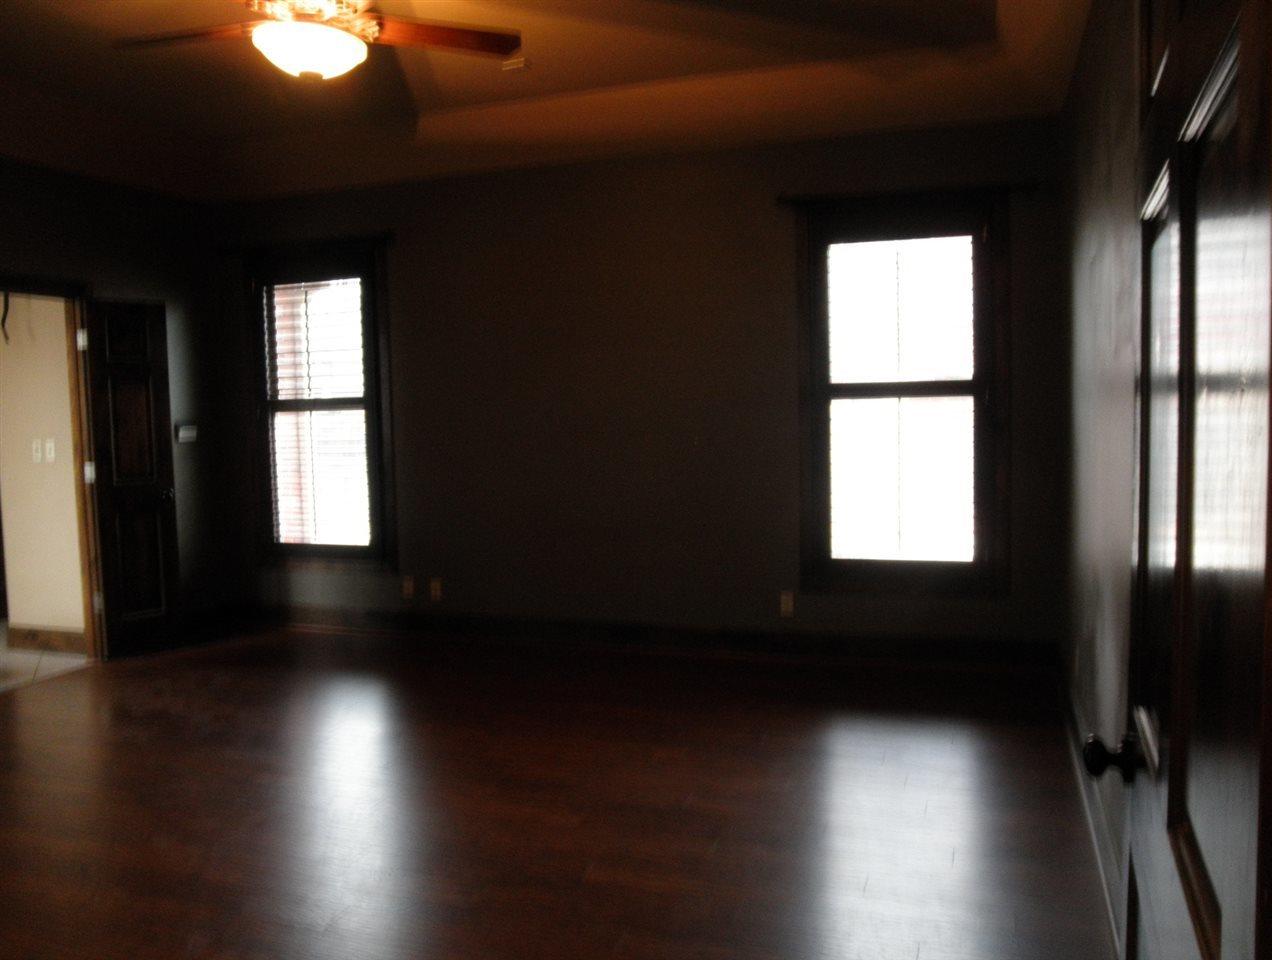 Sold Cross Sale W/ MLS | 2705 Mockingbird  Ponca City, OK 74604 22